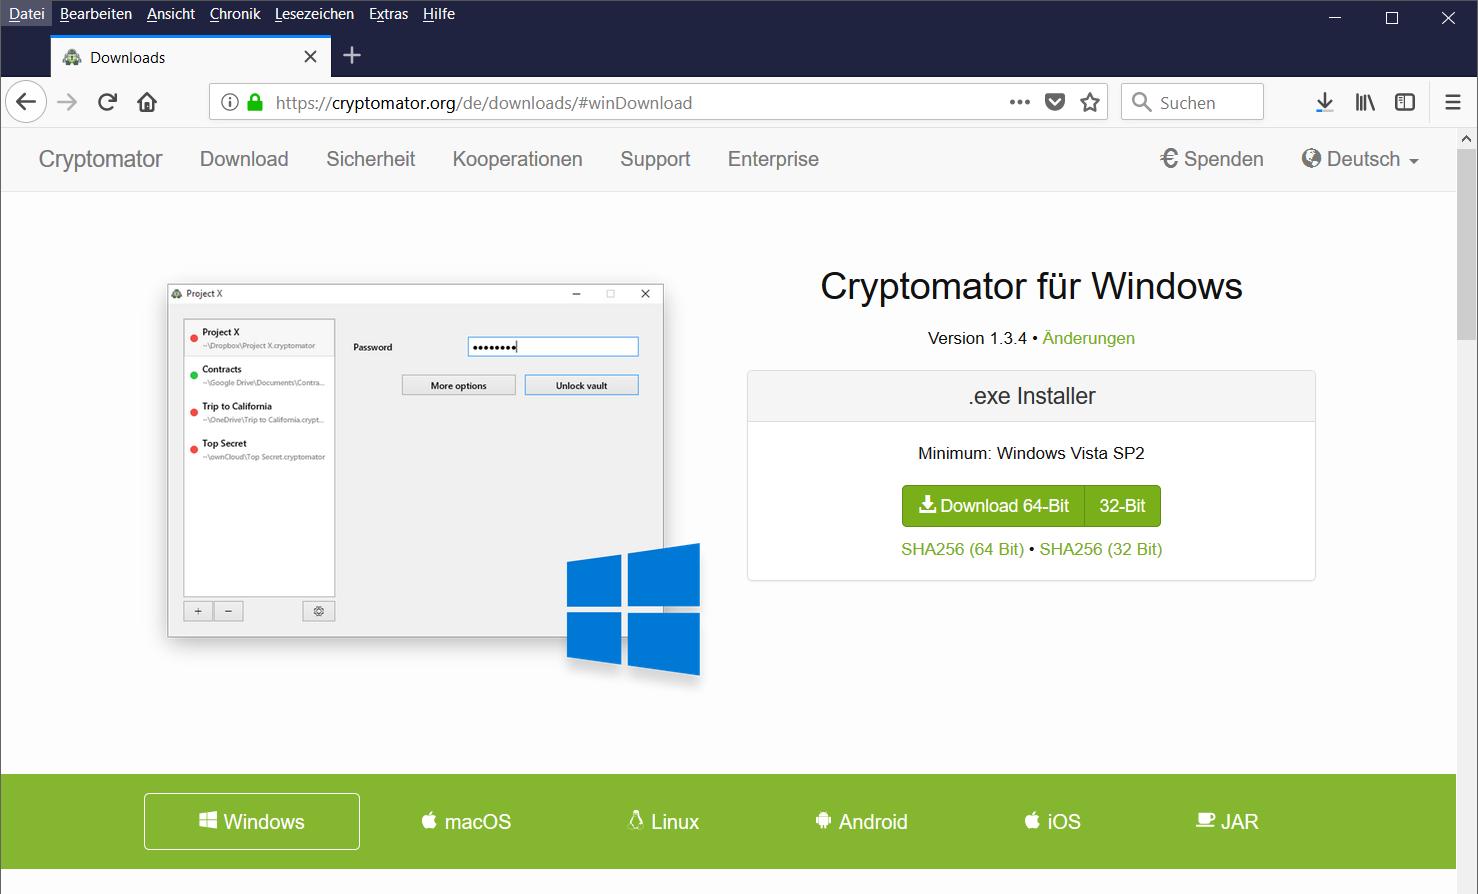 Download Cryptomator für Windows